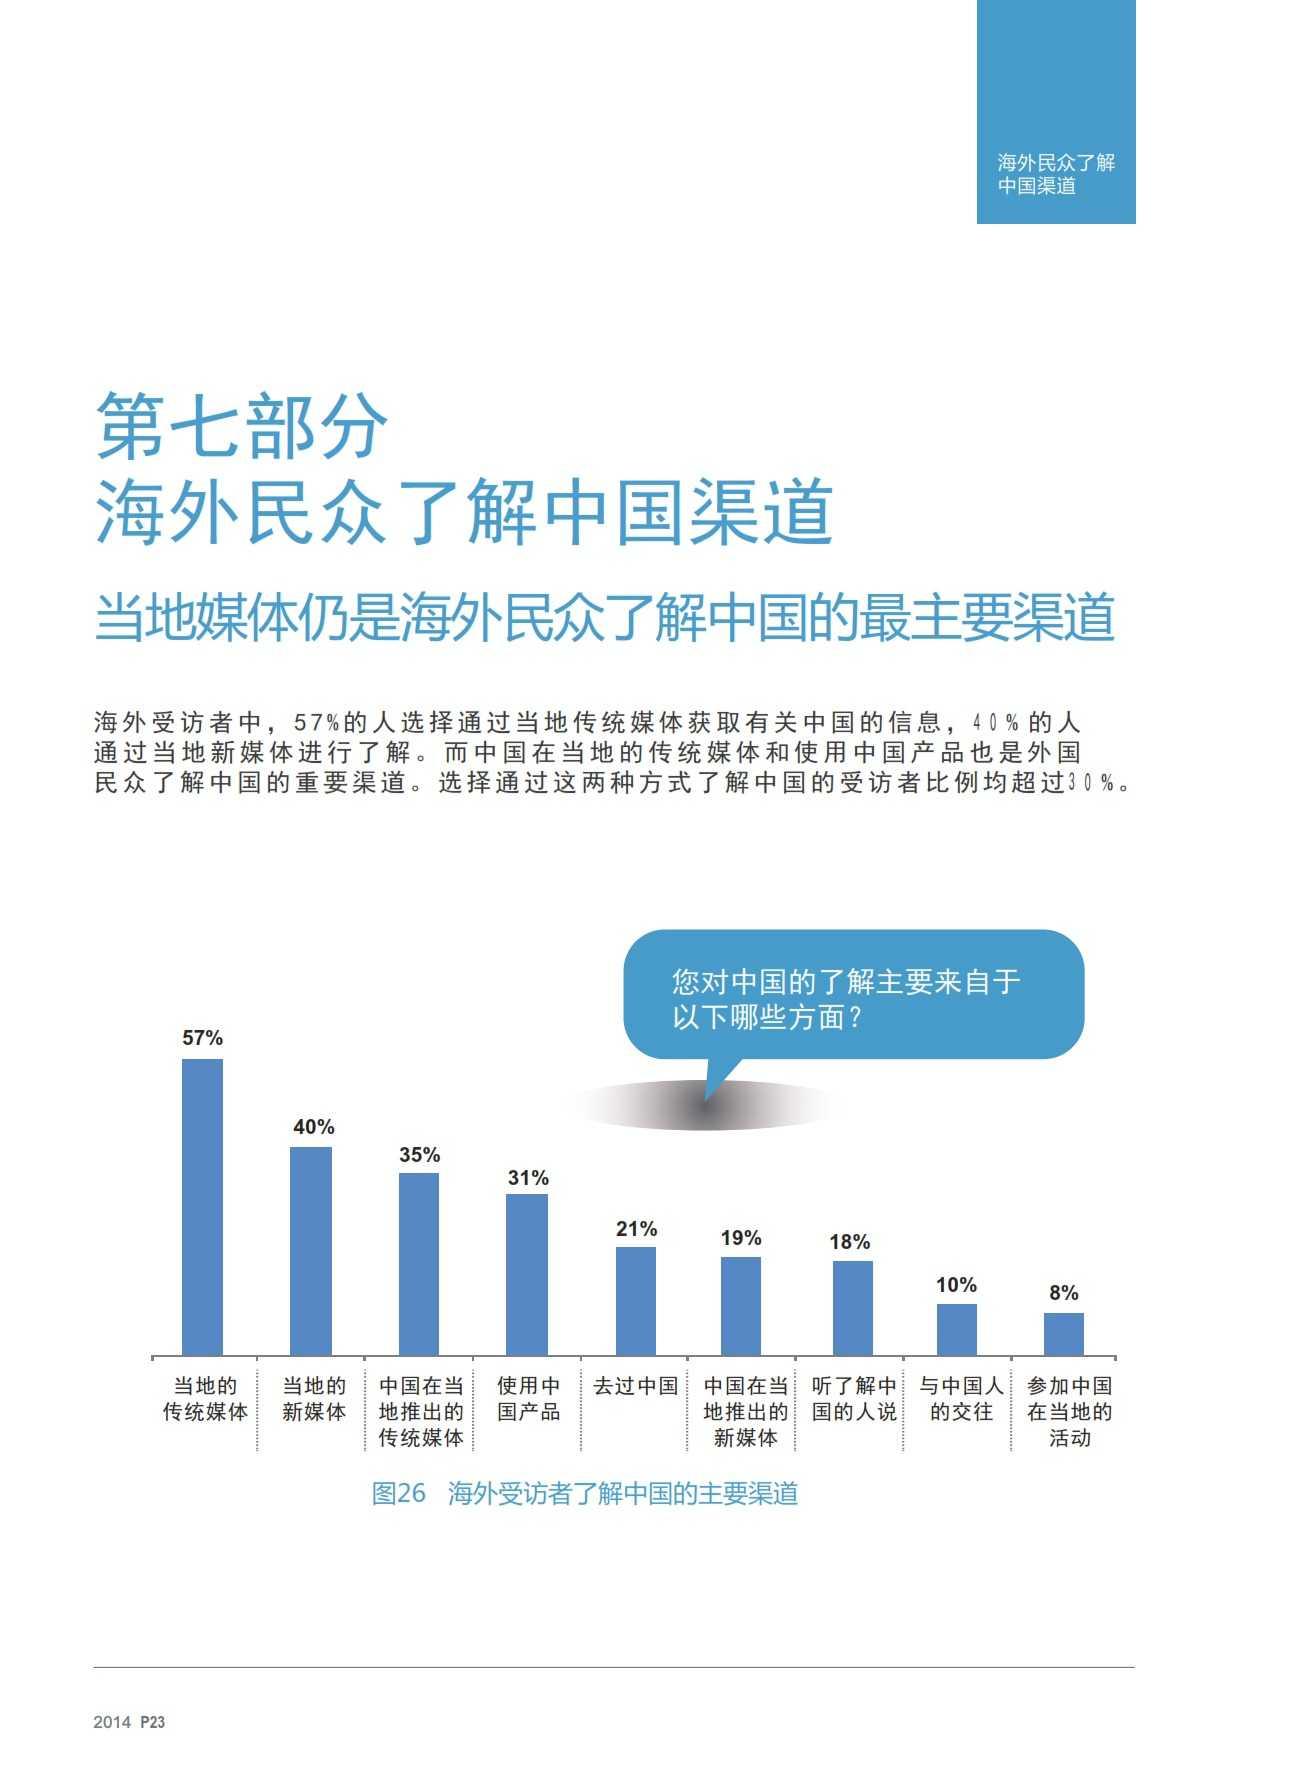 2014中国国家形象全球调查报告-v17_022